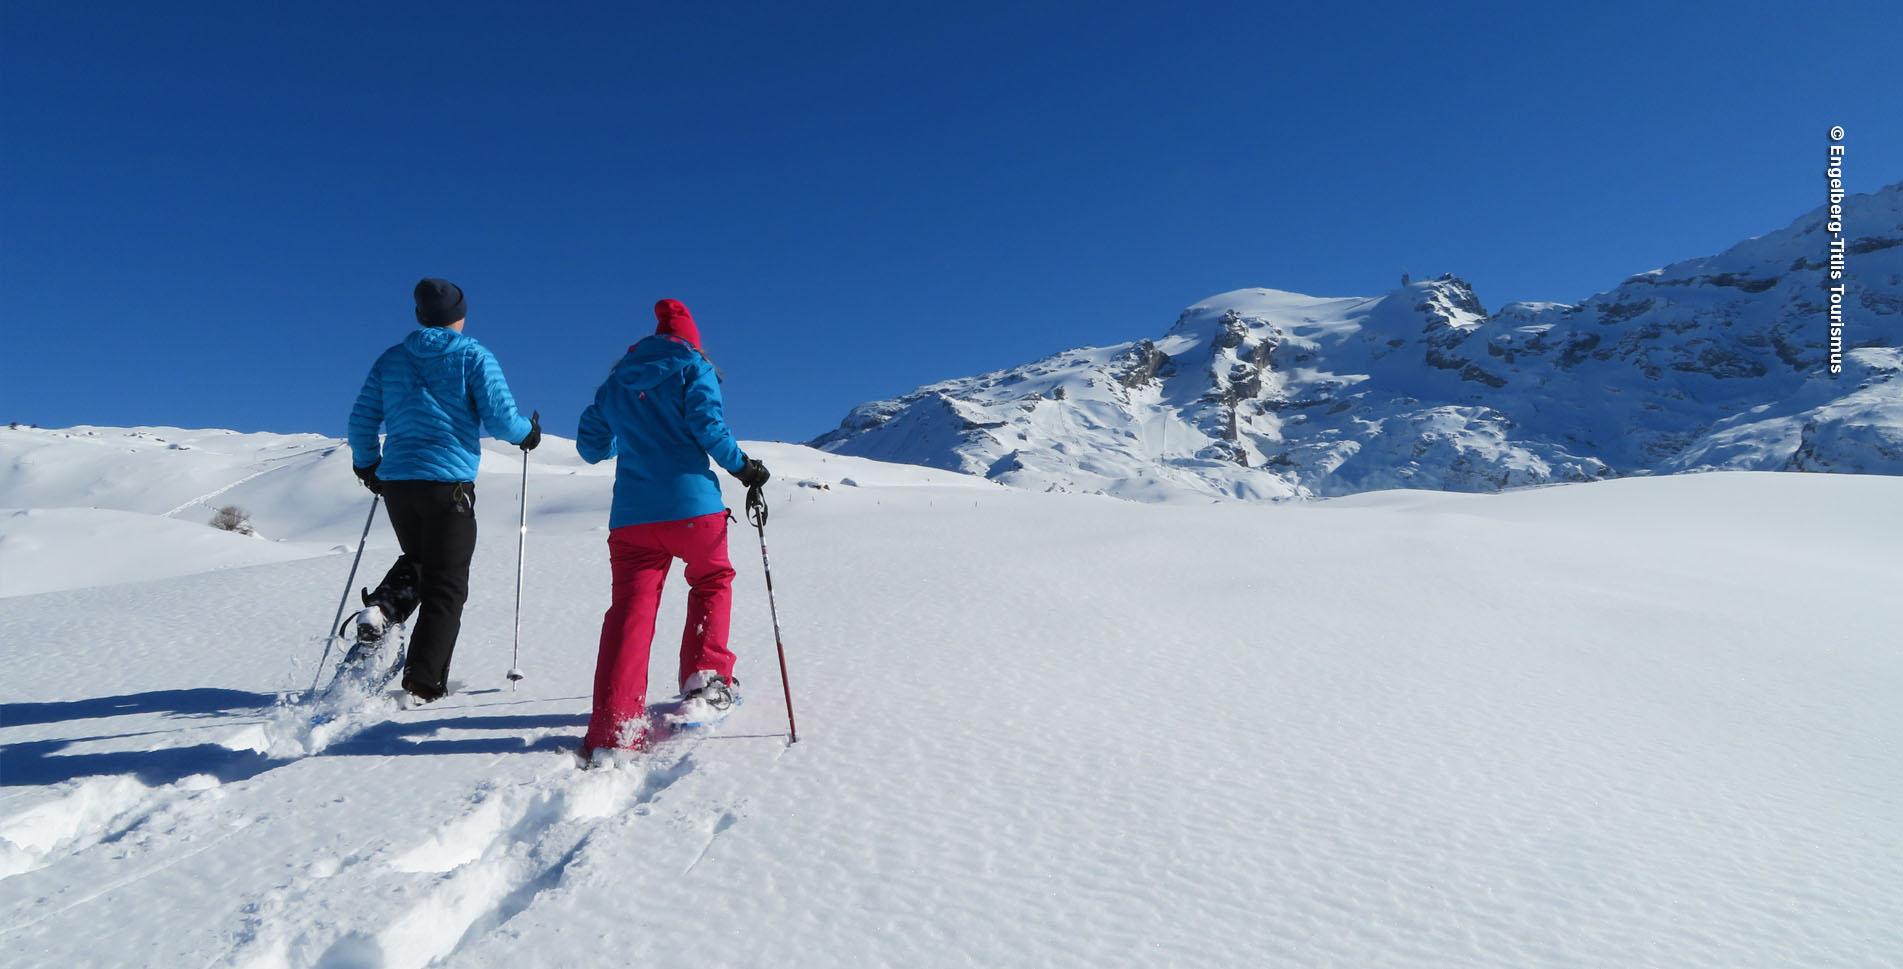 Schneeschuhwandern oberhalb Engelberg auf dem Schneeschuhtrail Obertrübsee gehts rund um den Trübsee mit Blick auf den den schneebedeckten Titlis